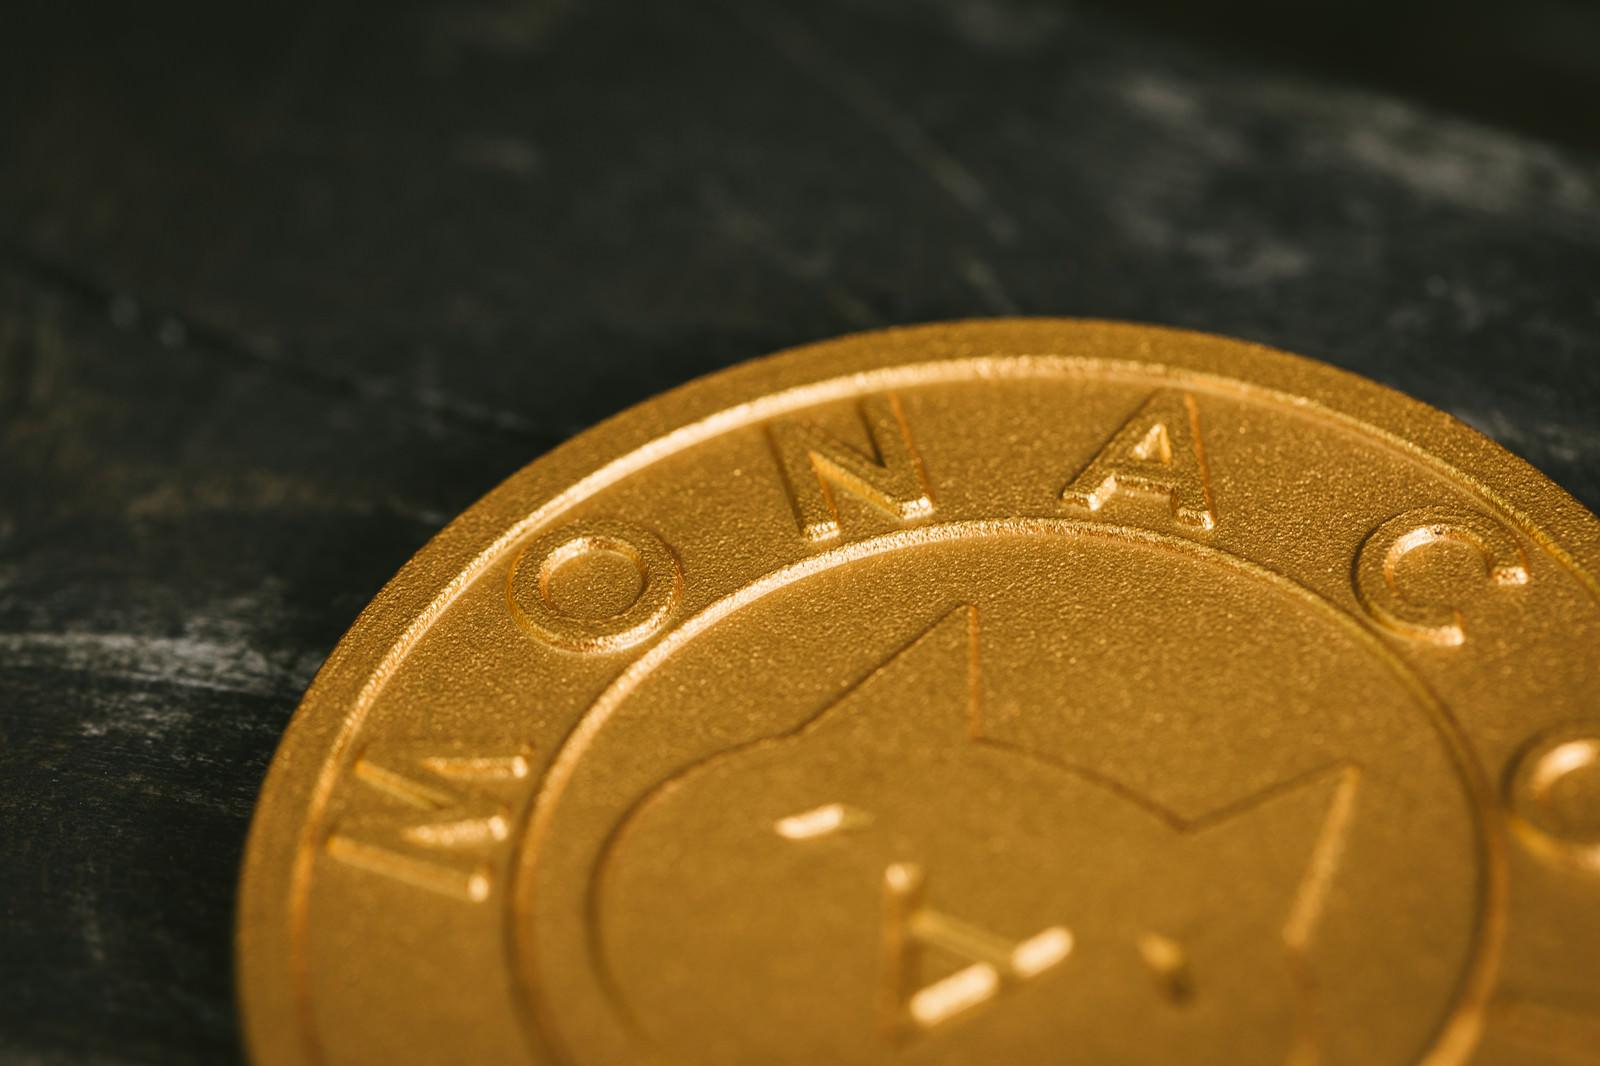 「国産の仮想通貨(モナコイン)」の写真